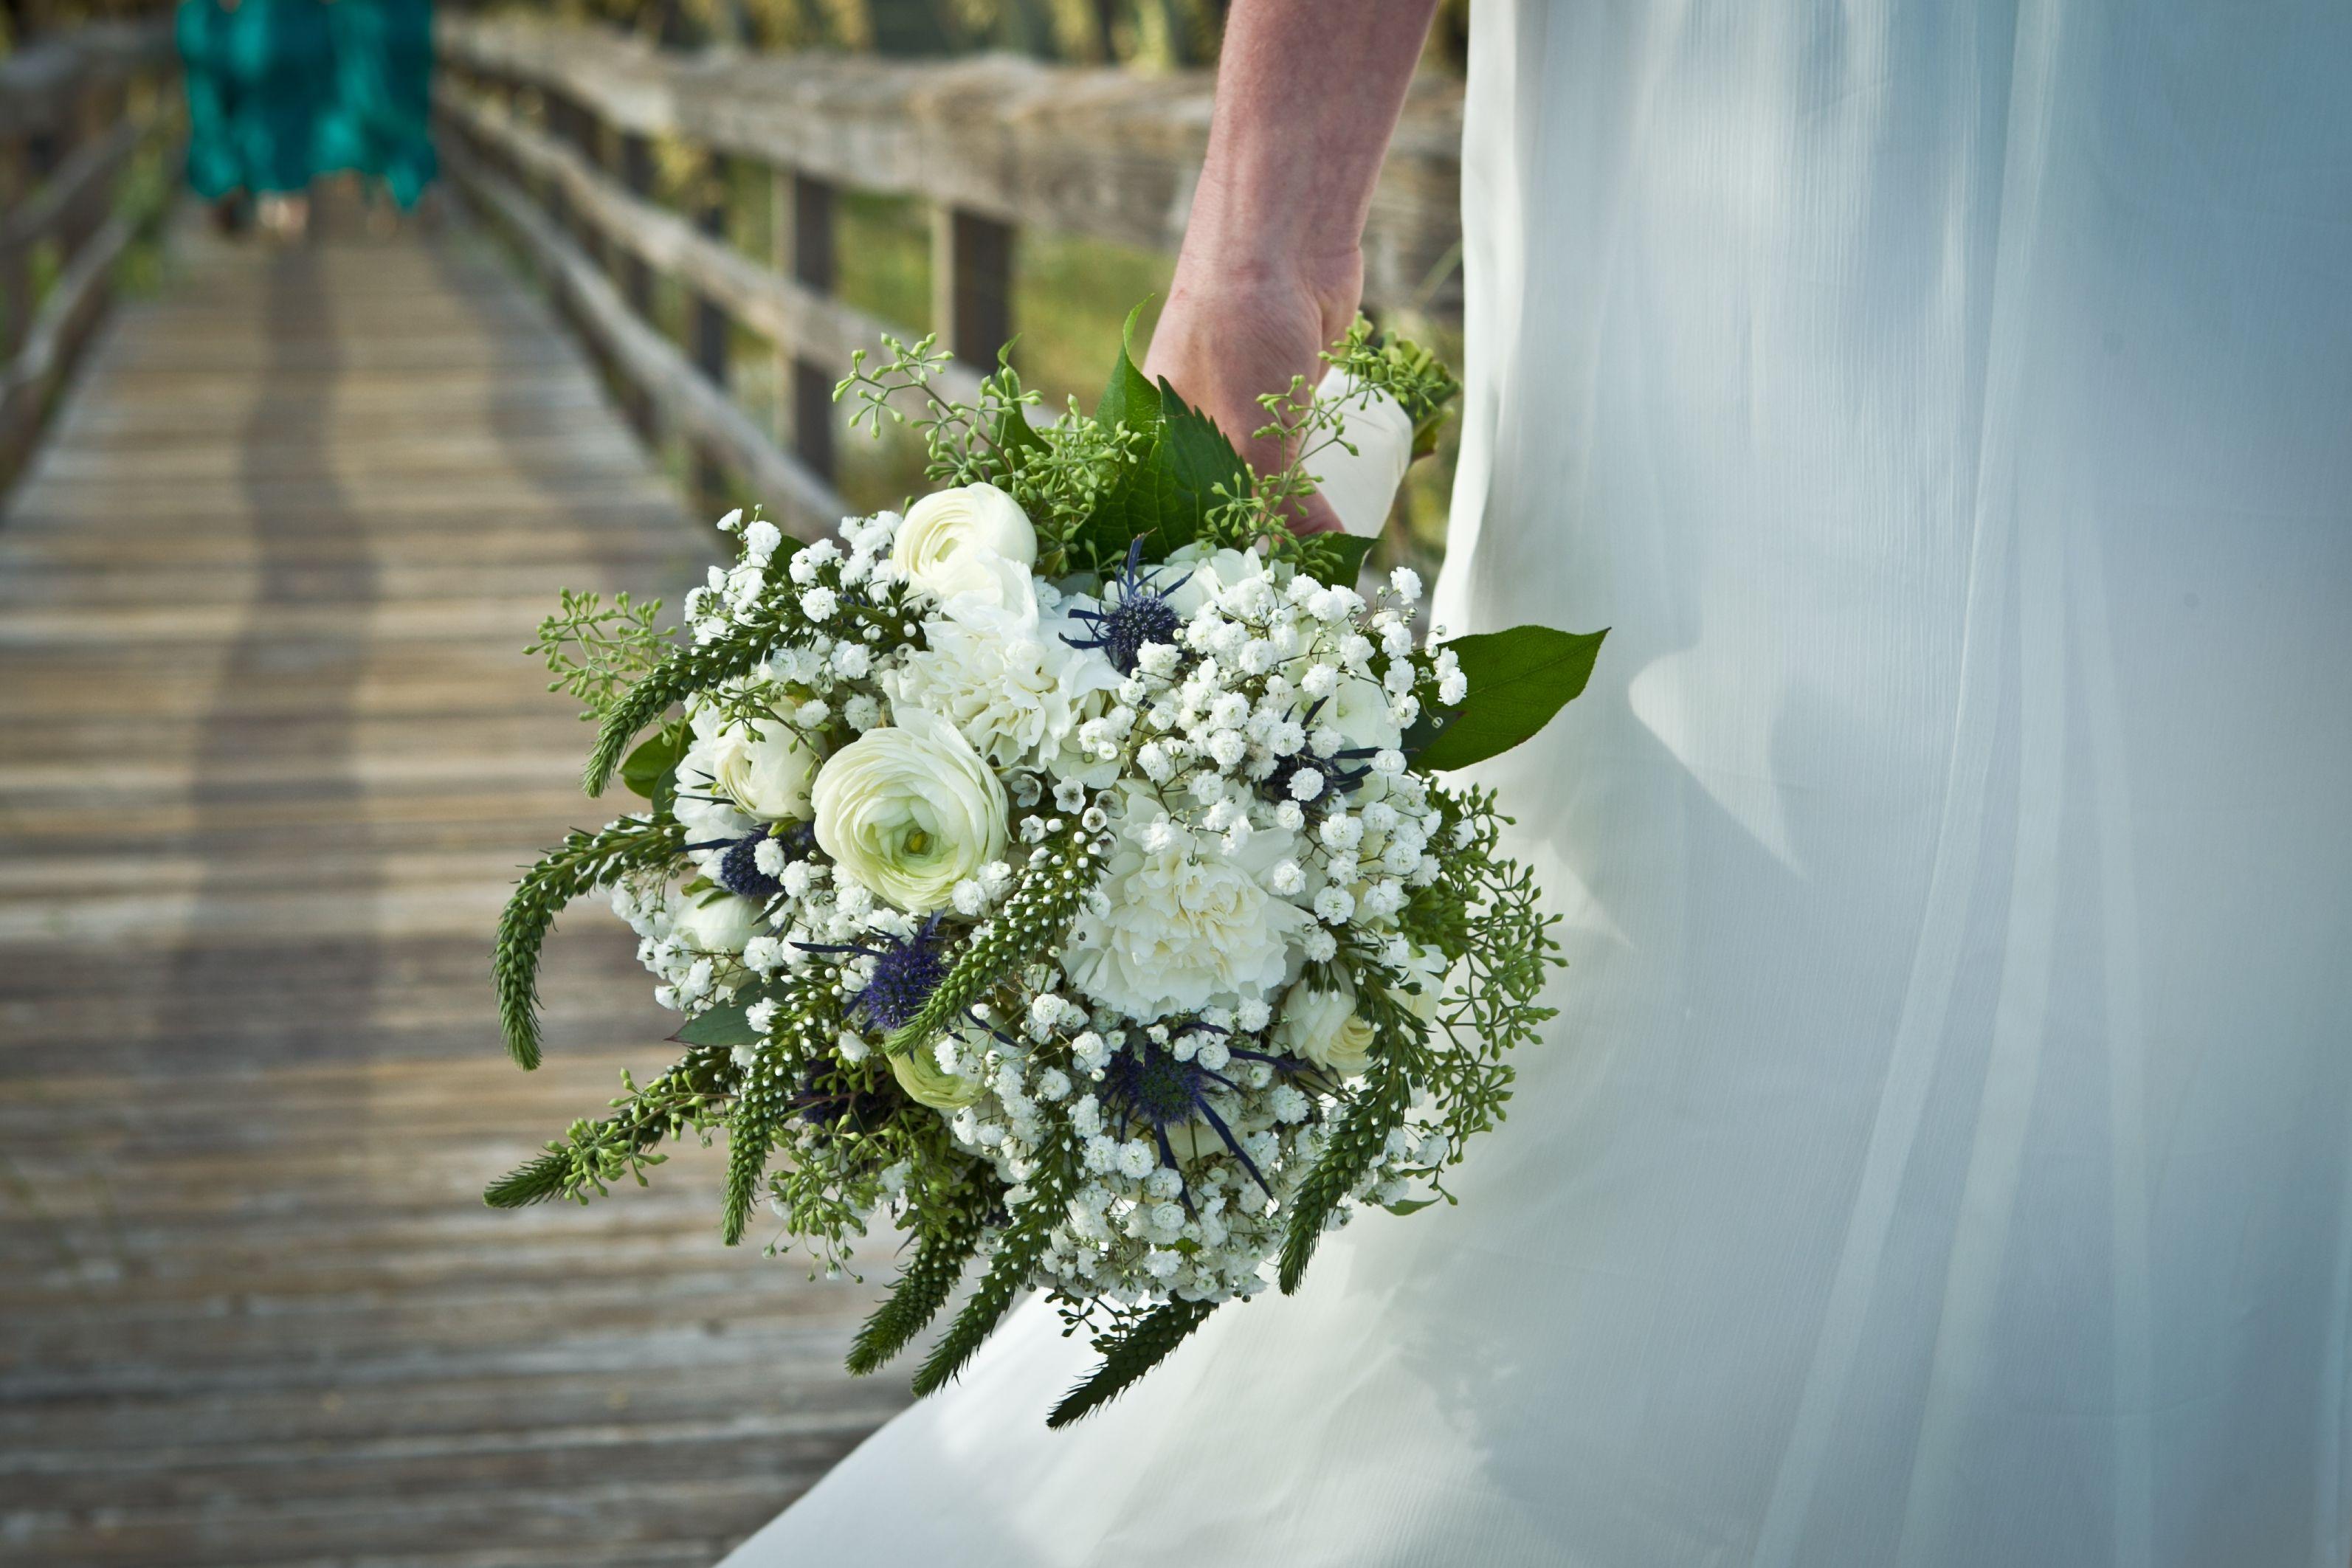 A Bride's dream bouquet!